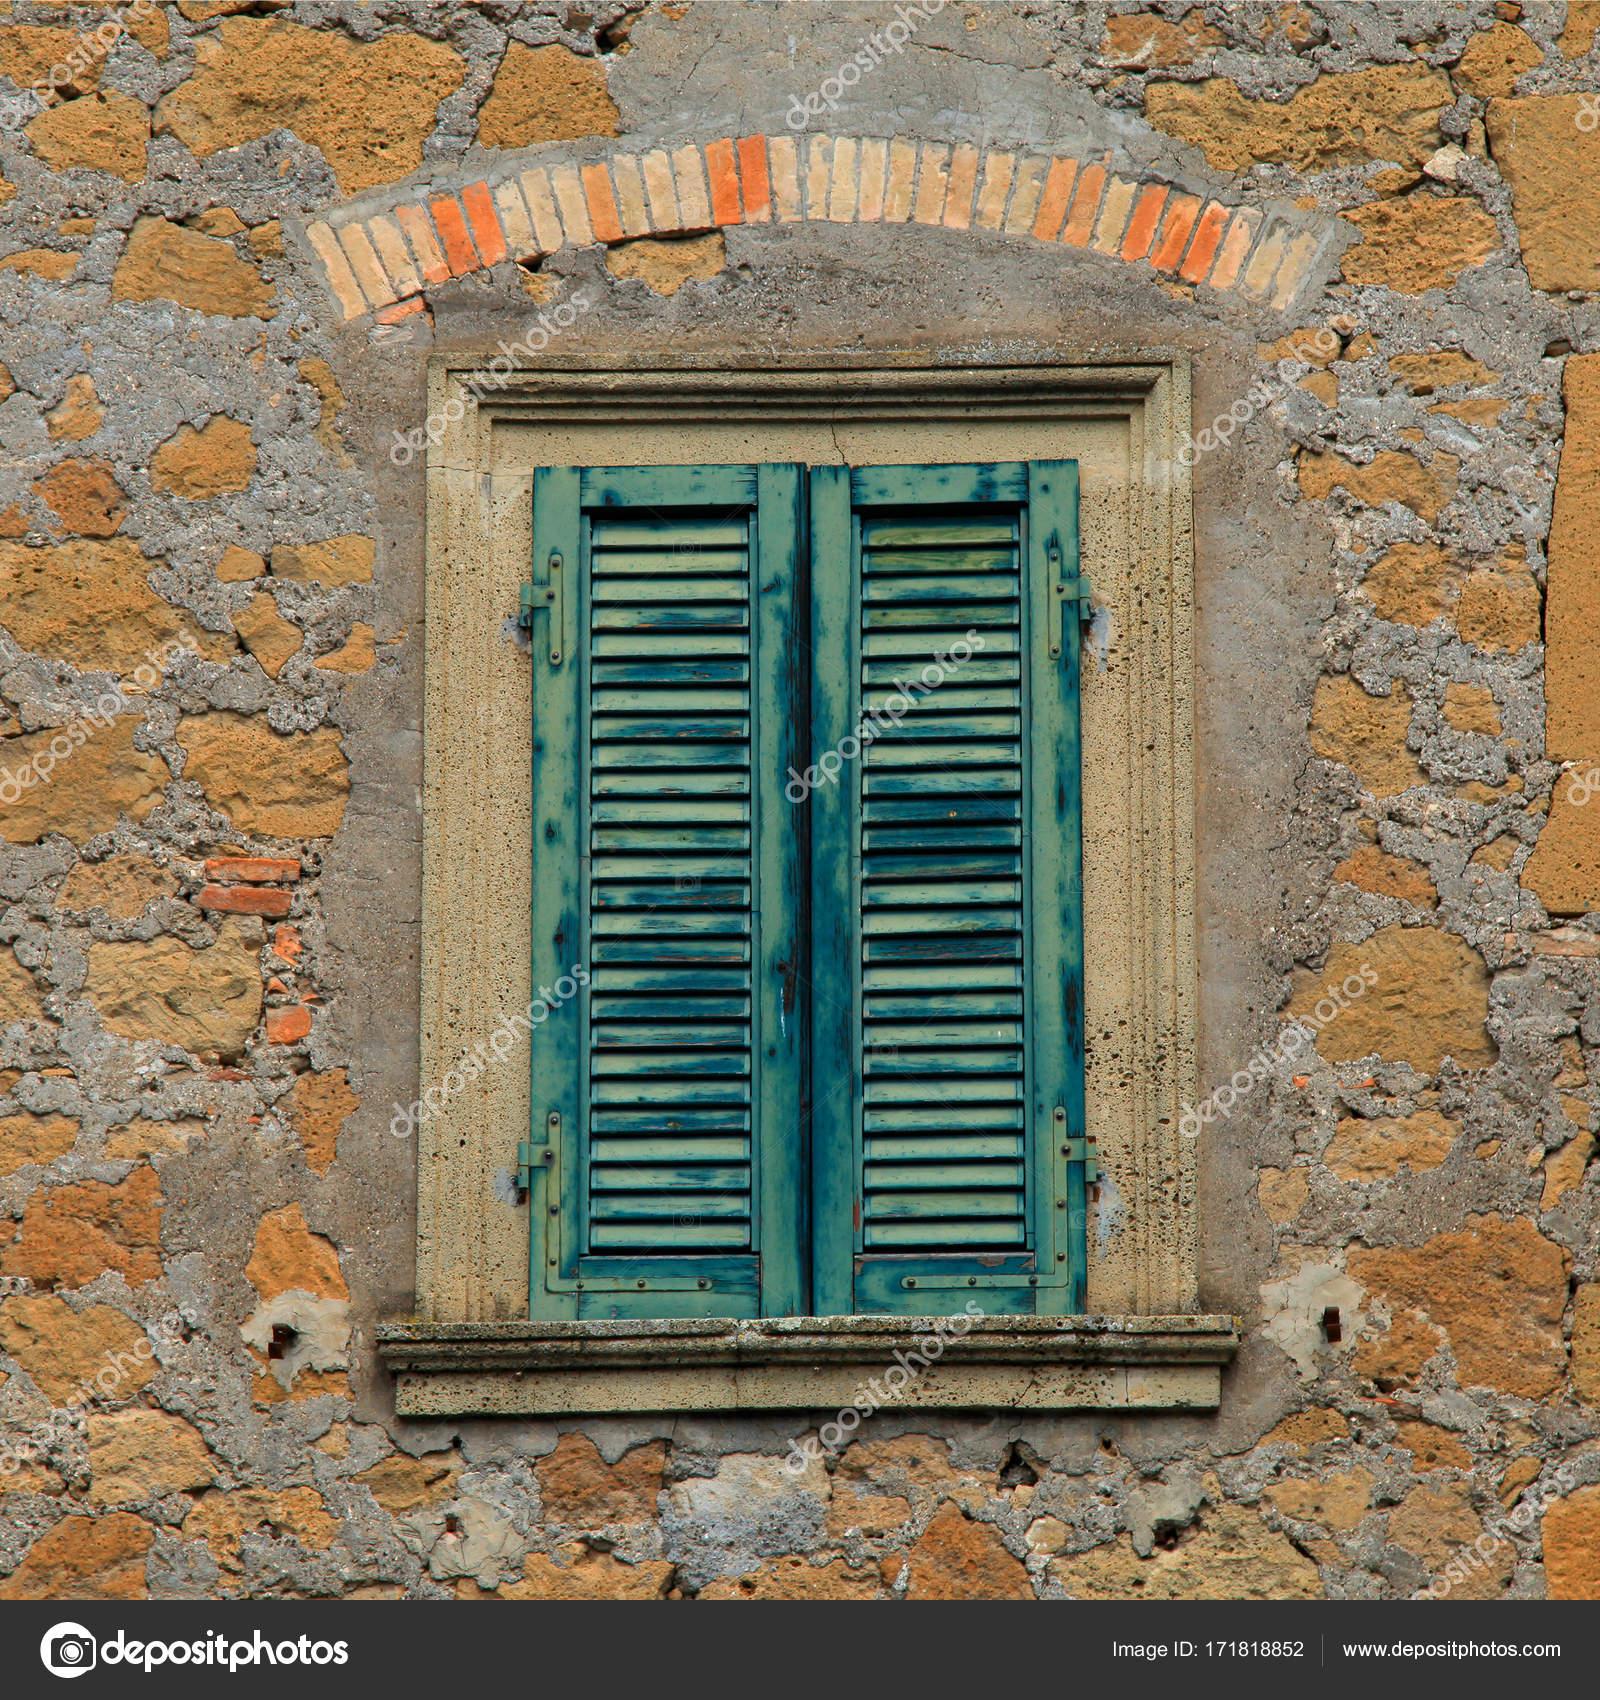 Vecchia finestra in legno con persiane verdi foto stock for Finestra legno antica